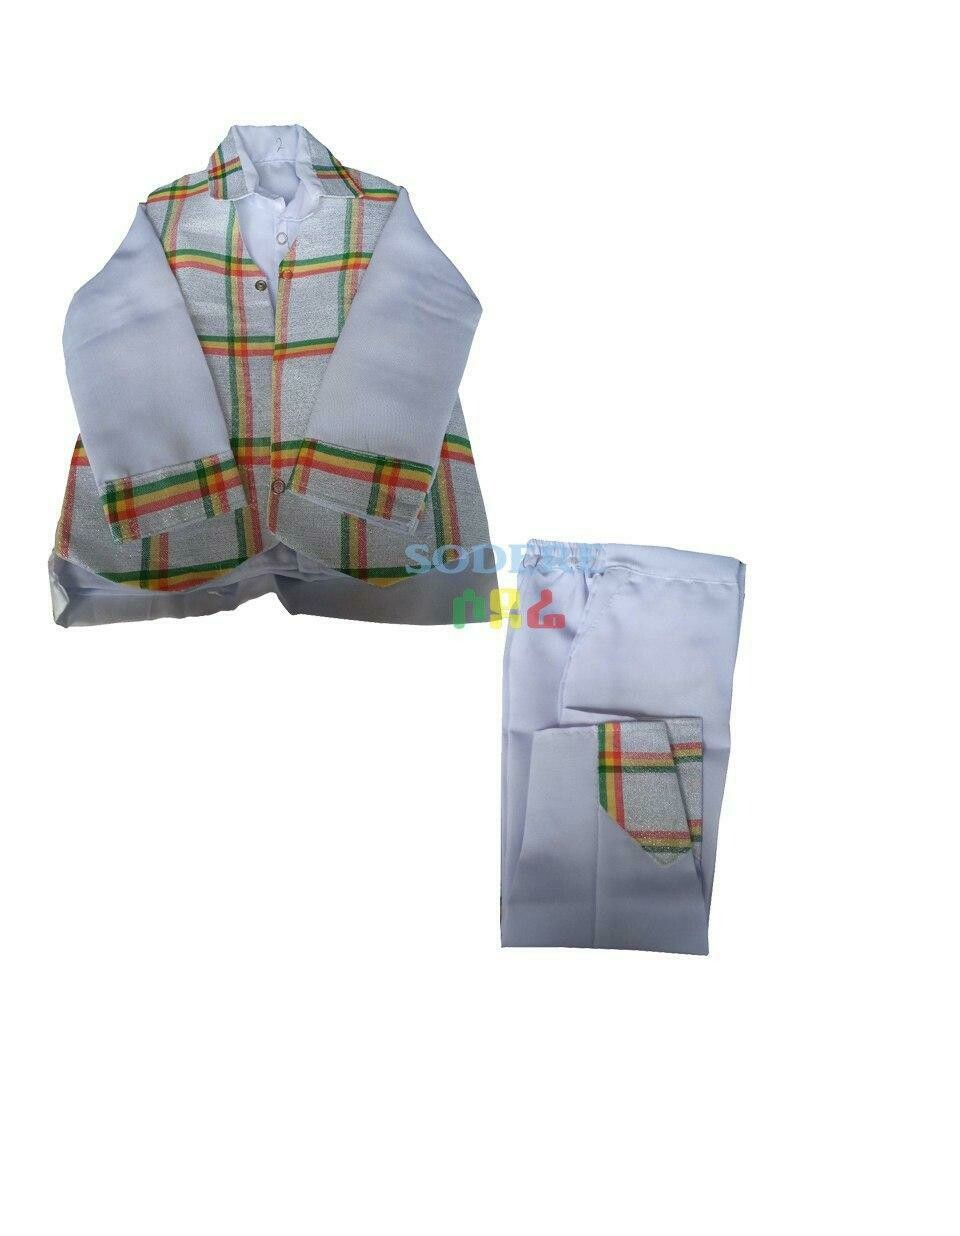 የልጆች የሀበሻ ልብስ/ Habesha Cloth for Kids